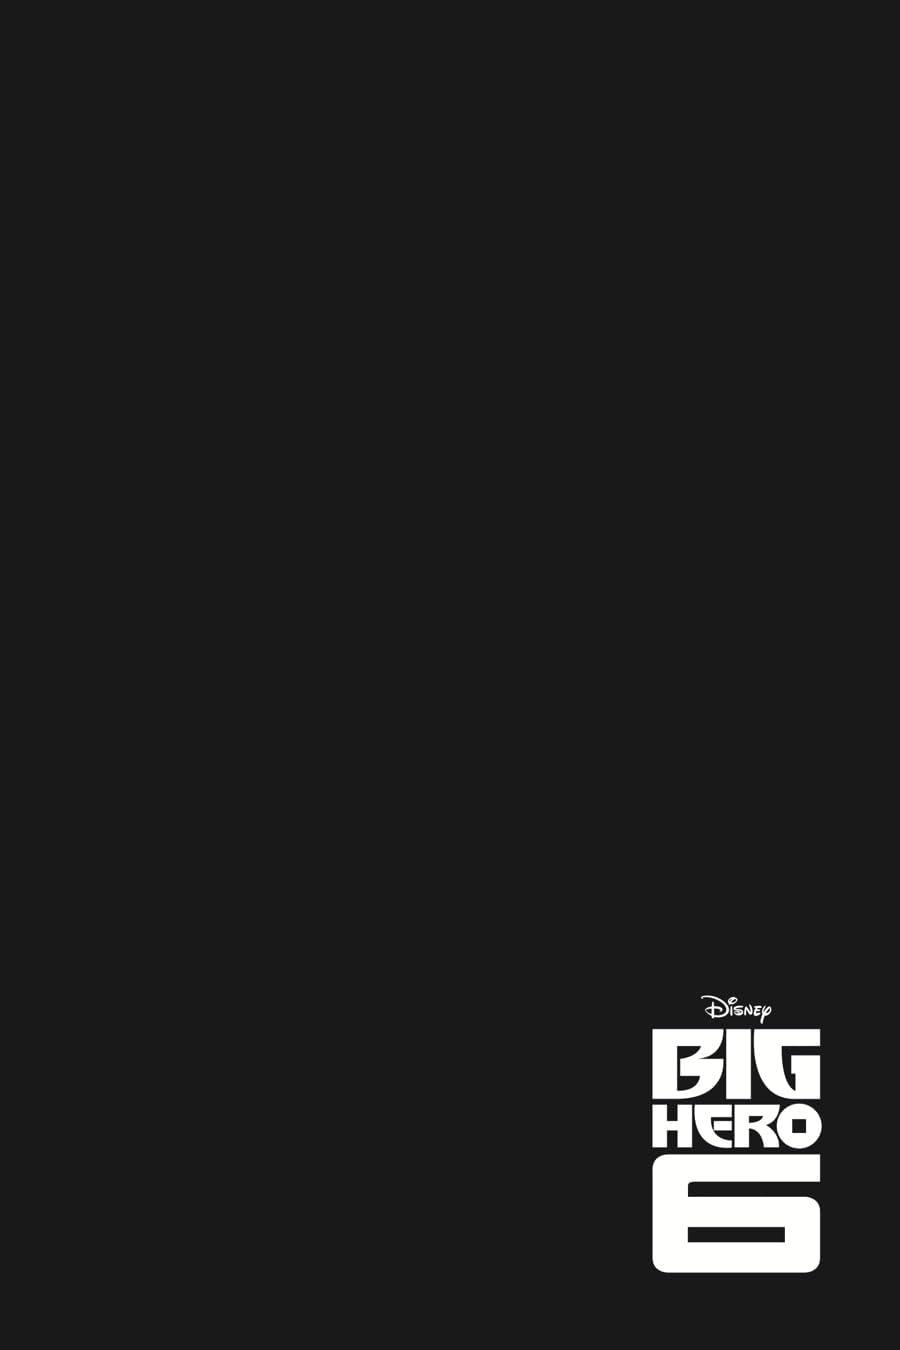 Big Hero 6 Vol. 1